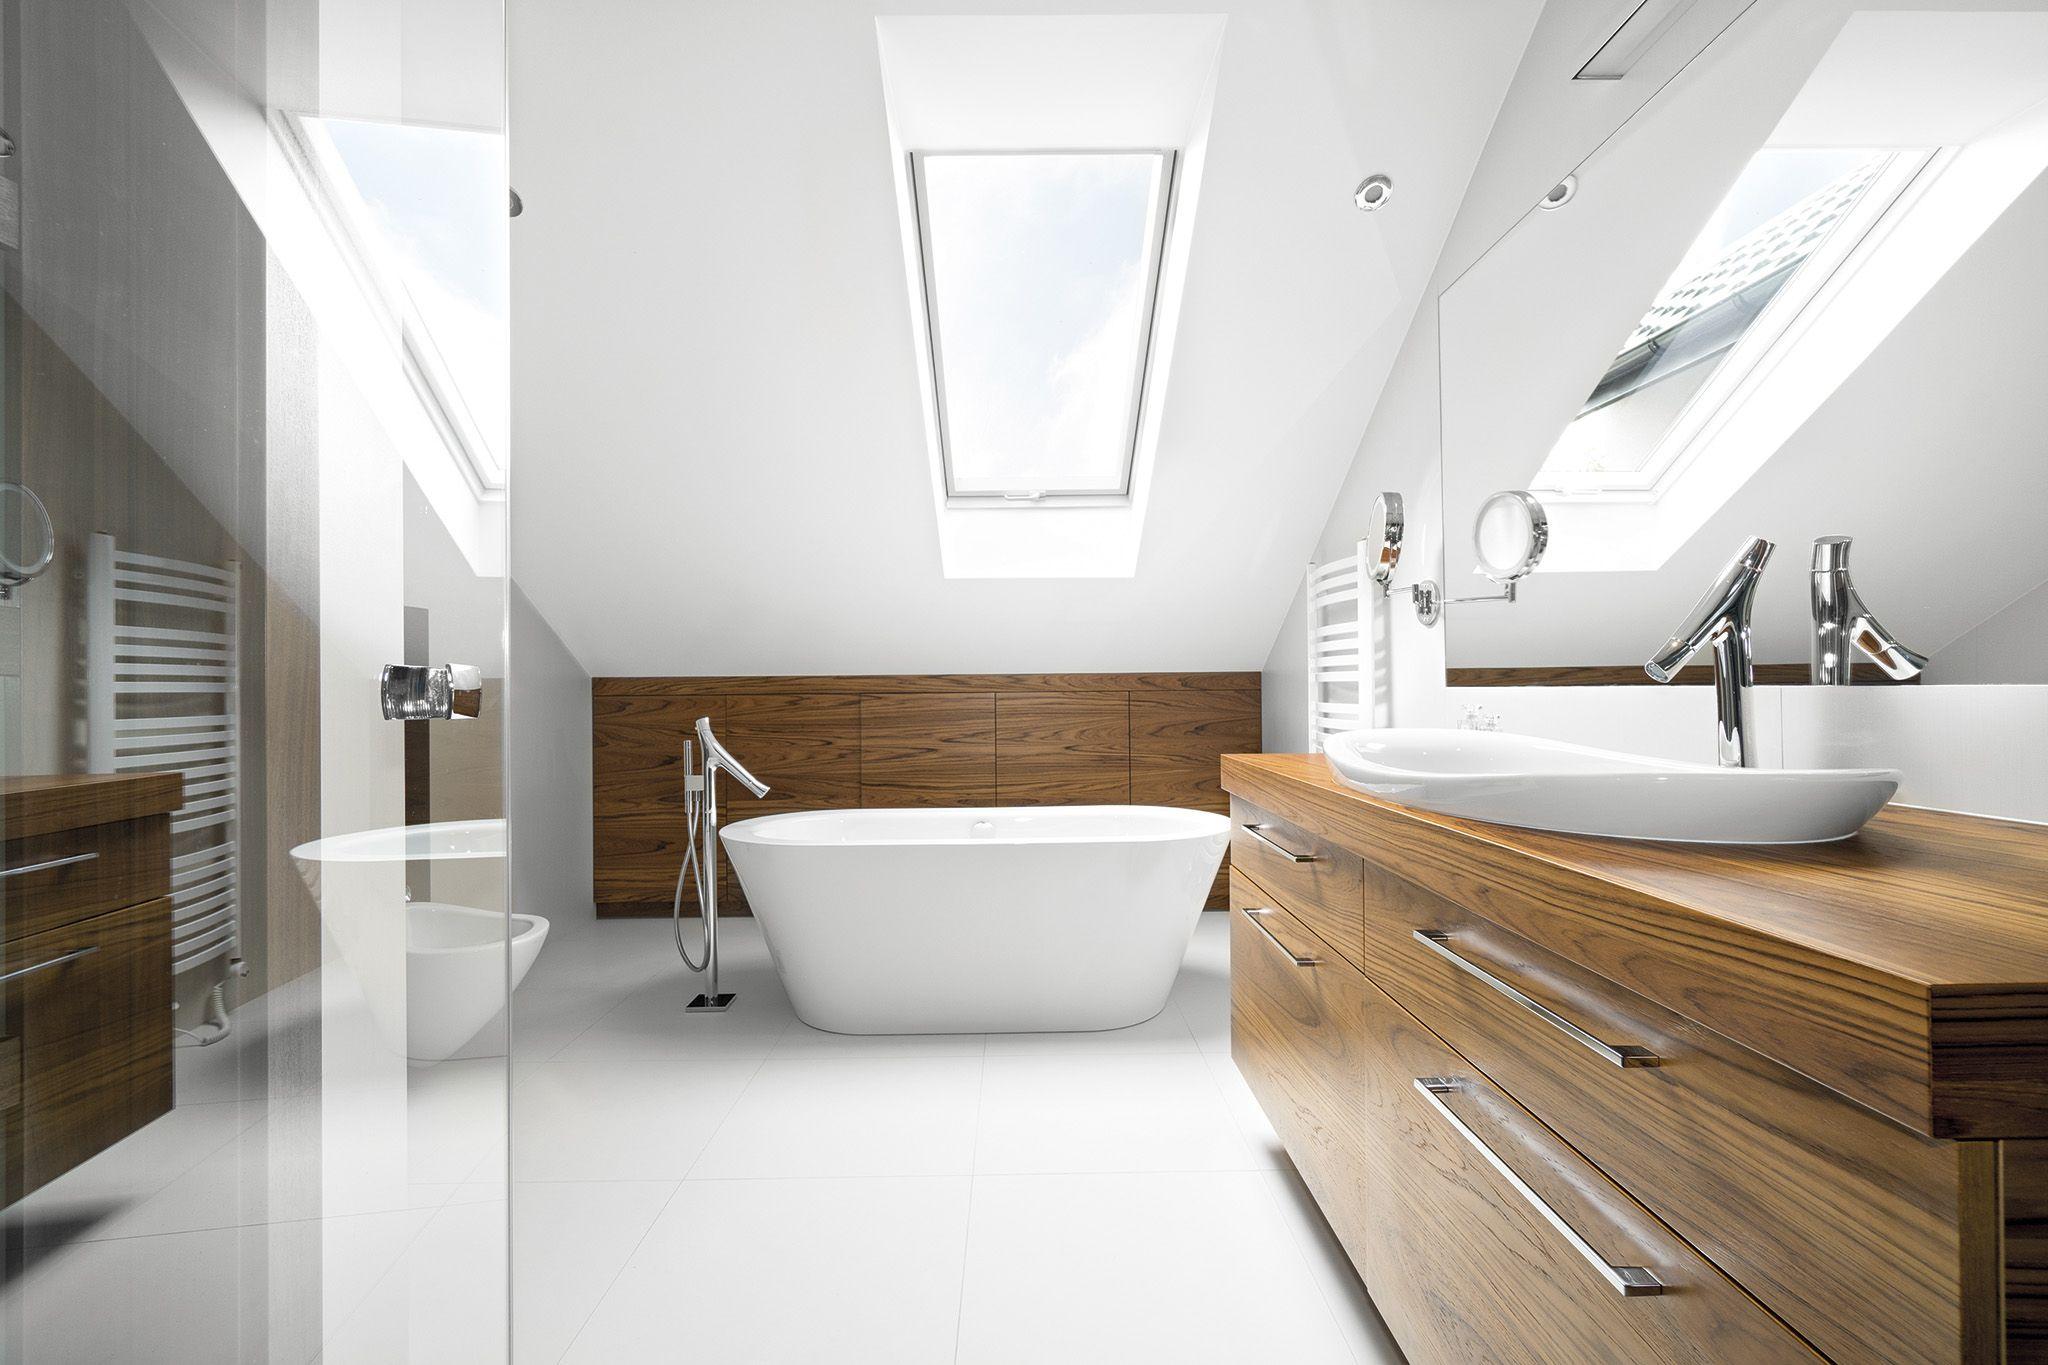 Badkamer Met Dakraam : Ruime en lichte badkamer met veel wit en houtelementen. gebruik een